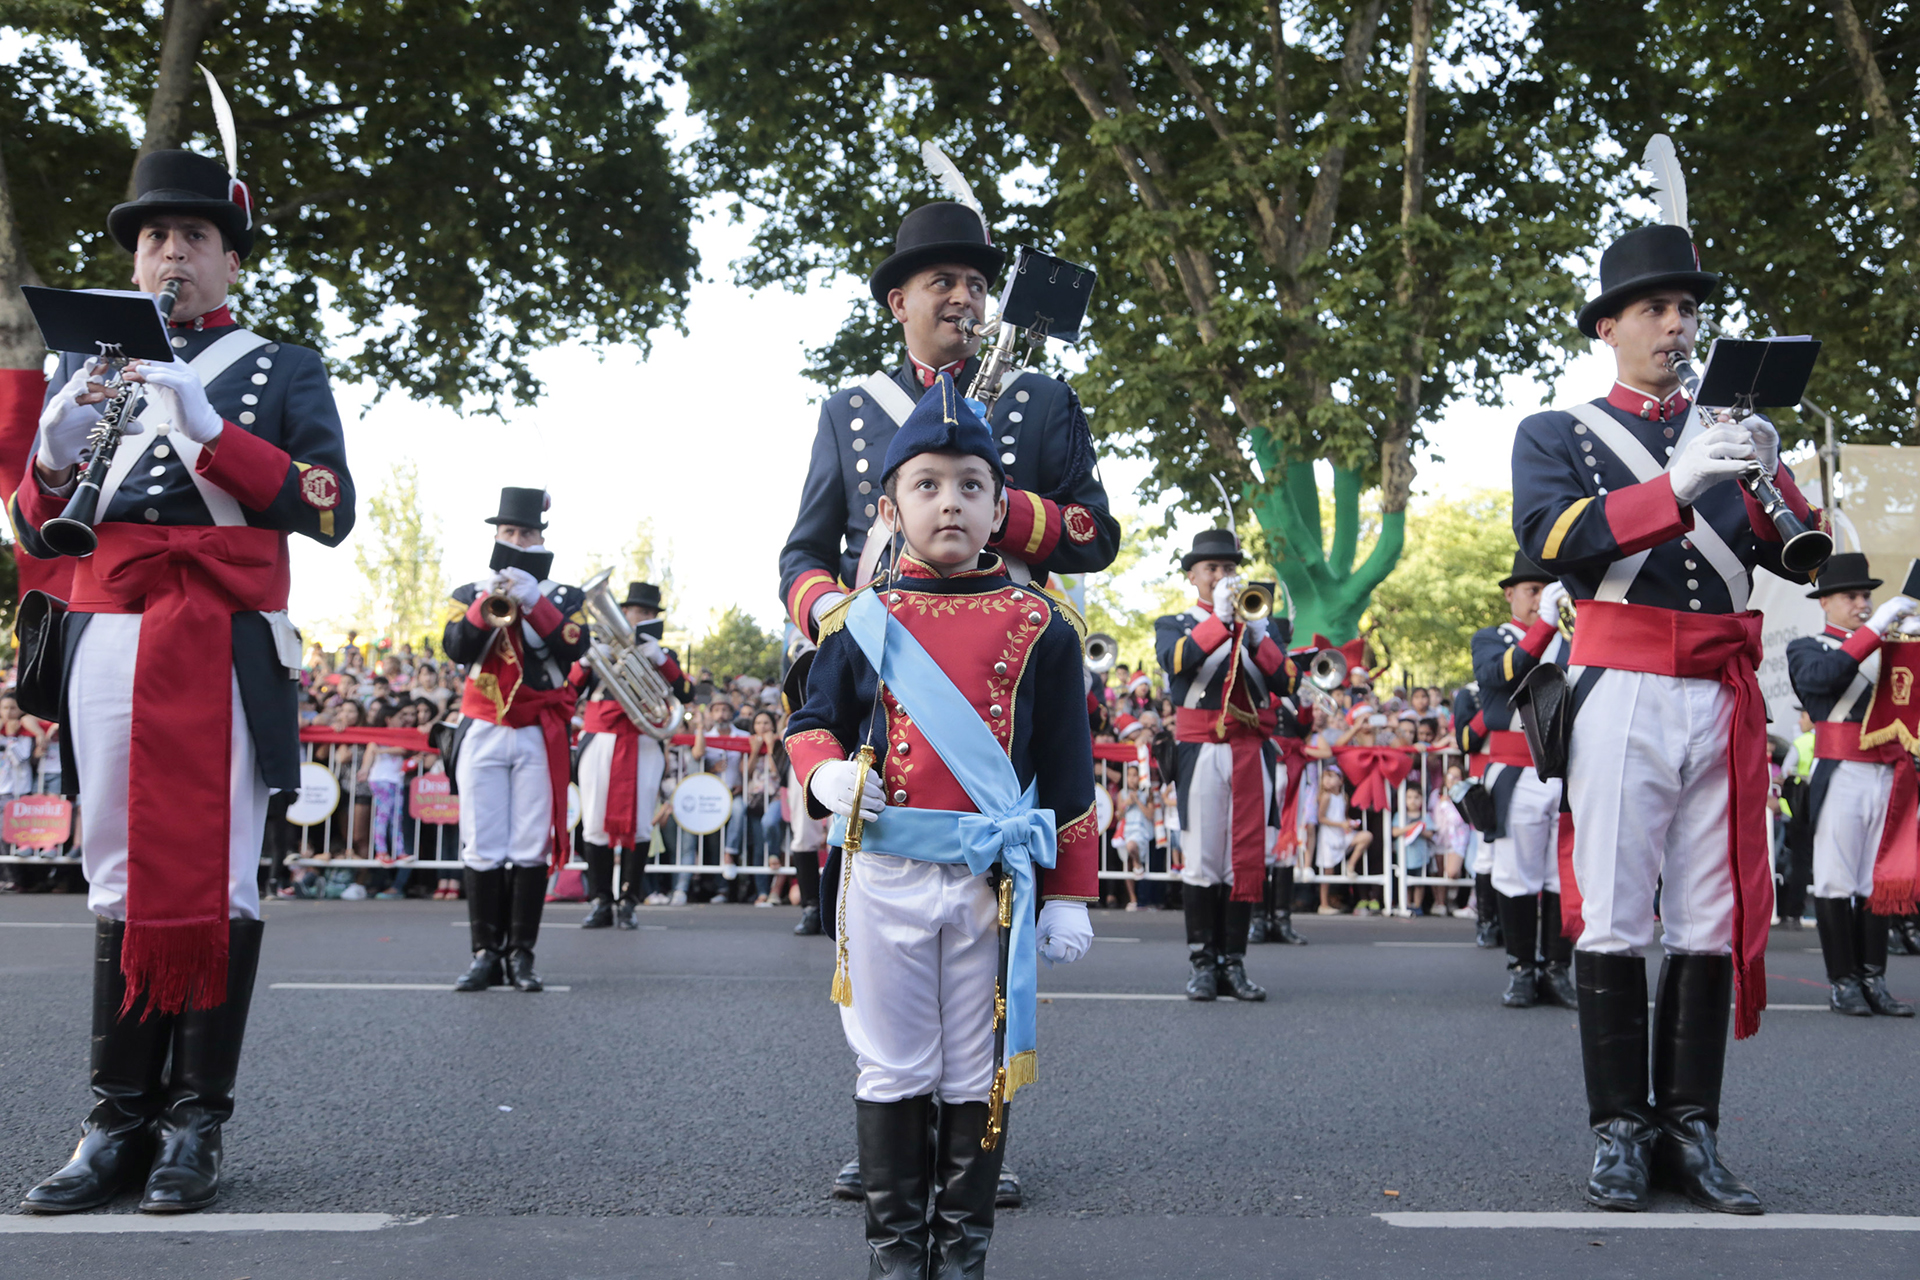 El Regimiento de Patricios estuvo presente con un pequeño integrante en sus filas